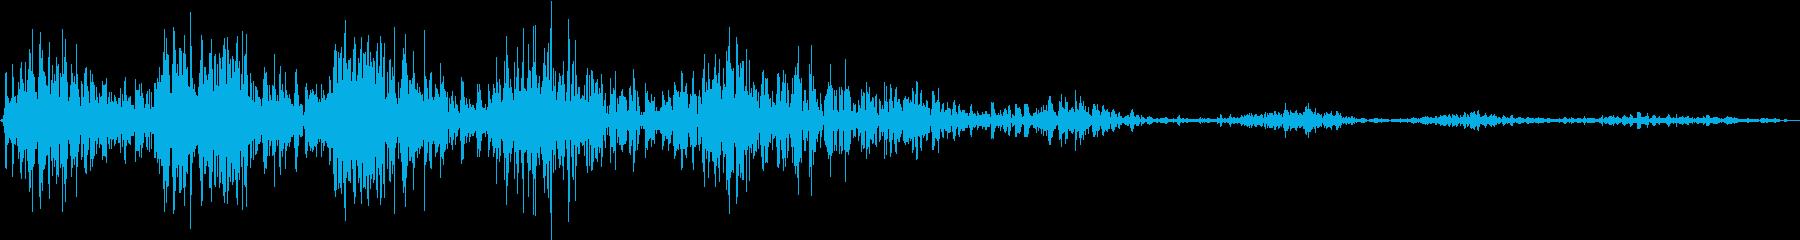 モンスター 笑い声 02の再生済みの波形